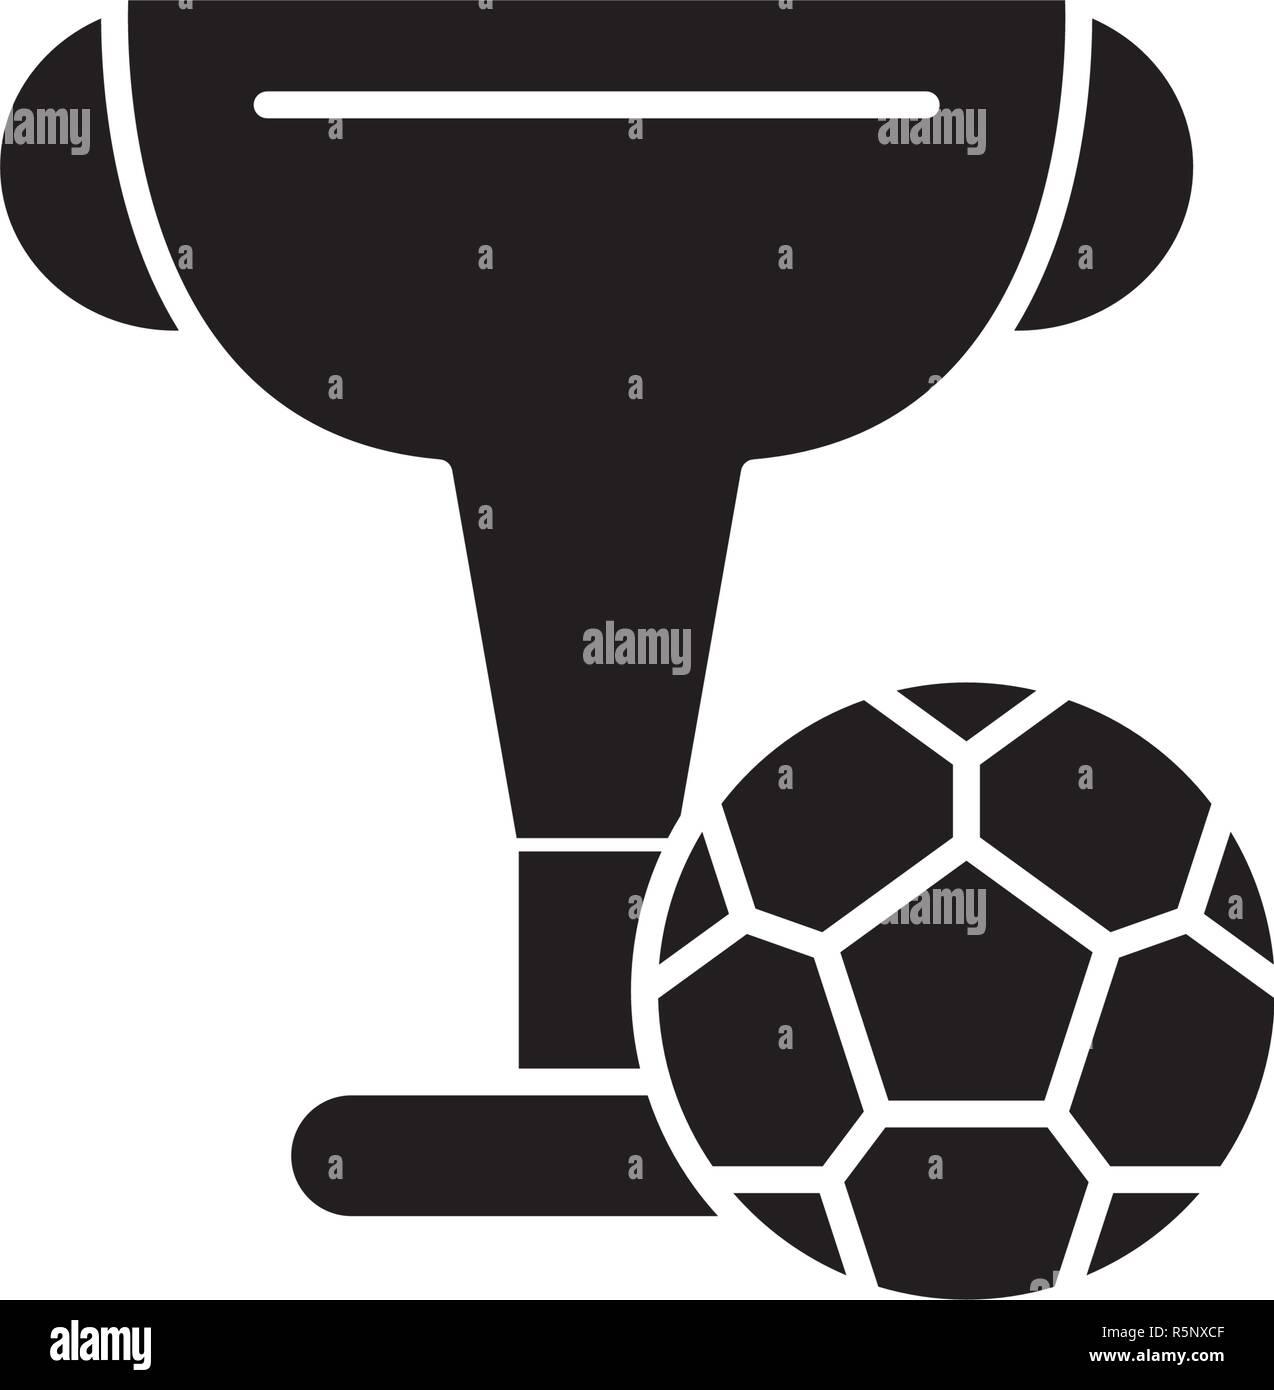 Fussball Cup Schwarzes Symbol Vektor Zeichen Auf Isolierten